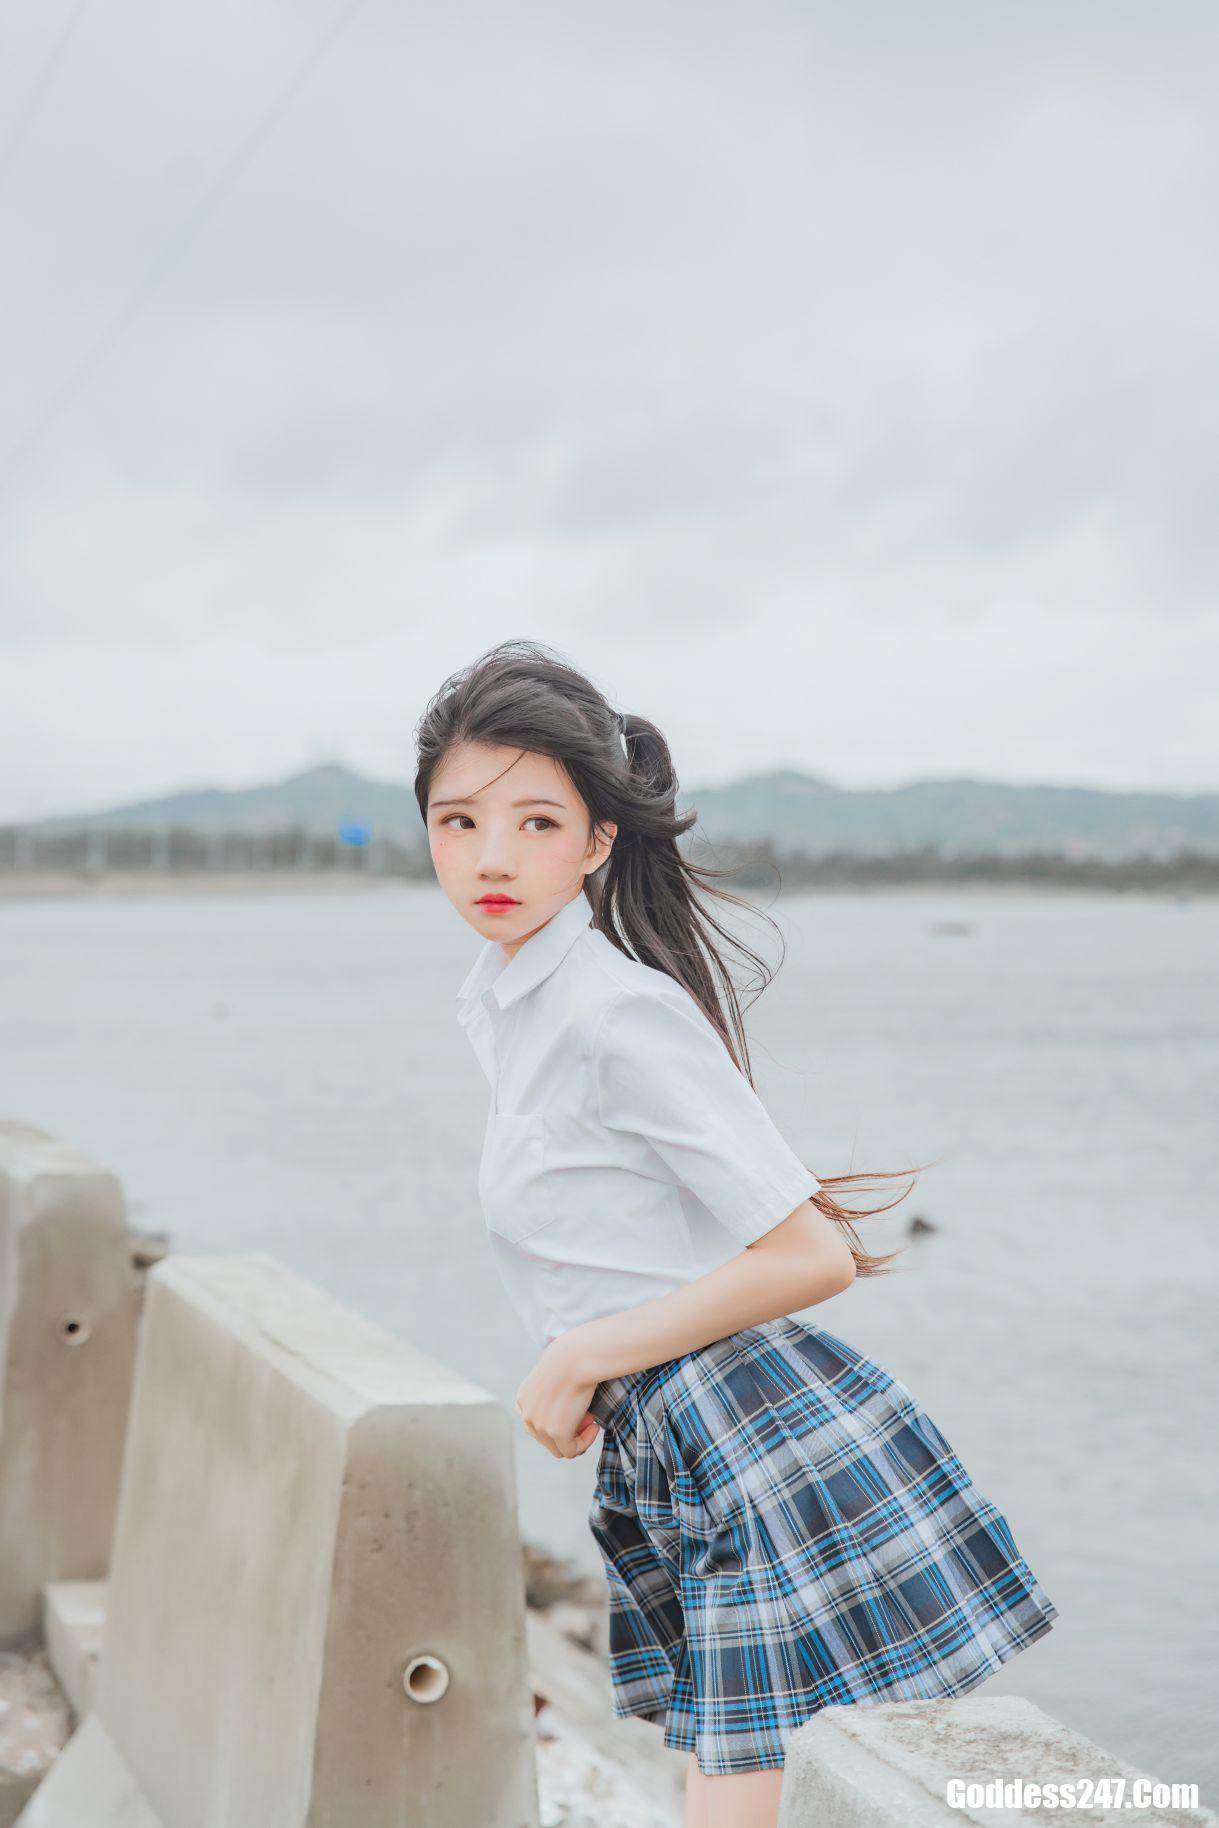 耳畔的风, 桜桃喵, Coser@桜桃喵 Vol.018 耳畔的风, Cherry Meow